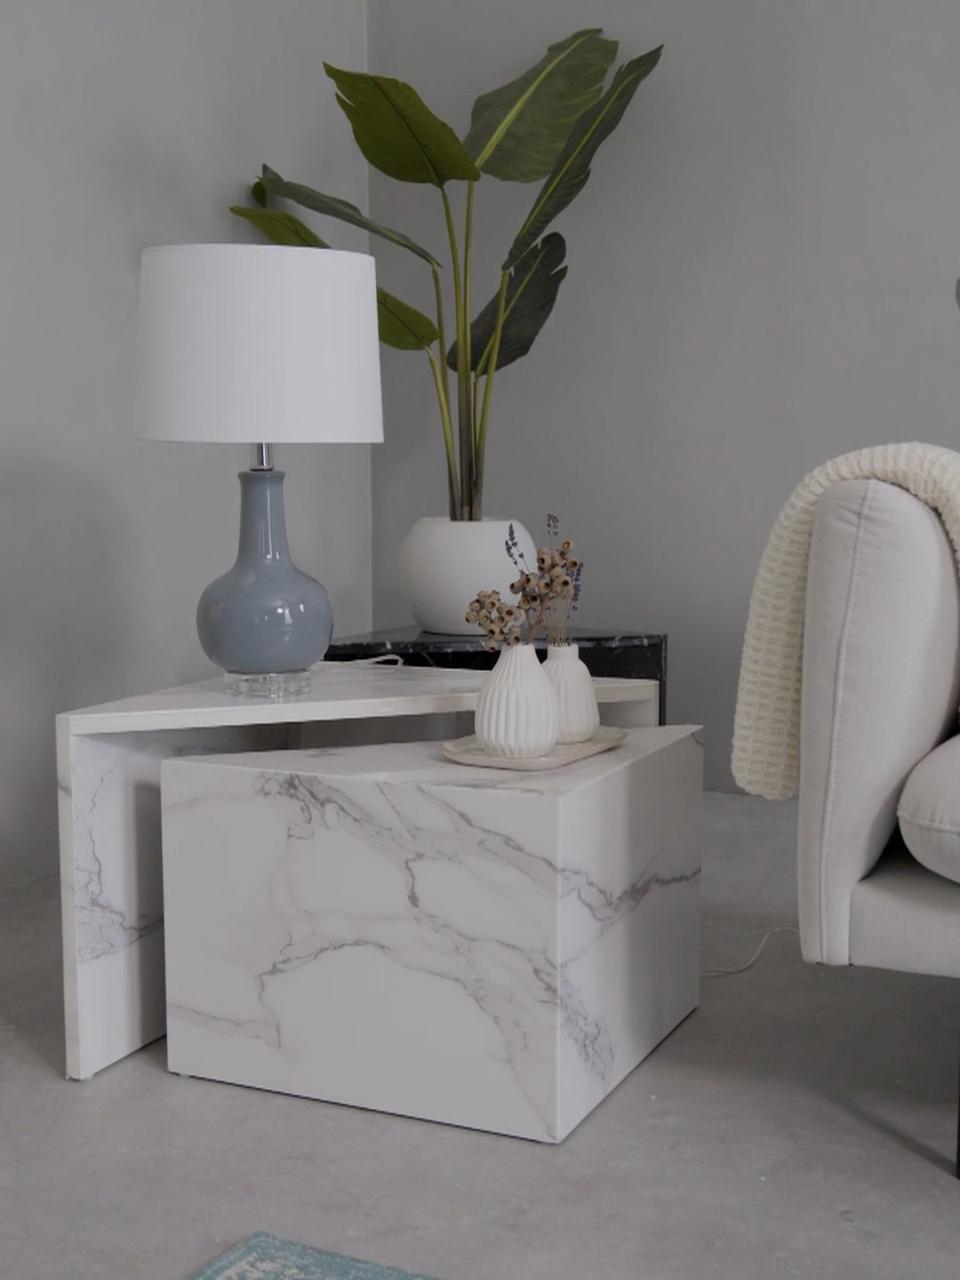 Lampada da tavolo in ceramica Brittany, Paralume: tessuto, Base della lampada: ceramica, Bianco, grigio, Ø 28 x Alt. 48 cm